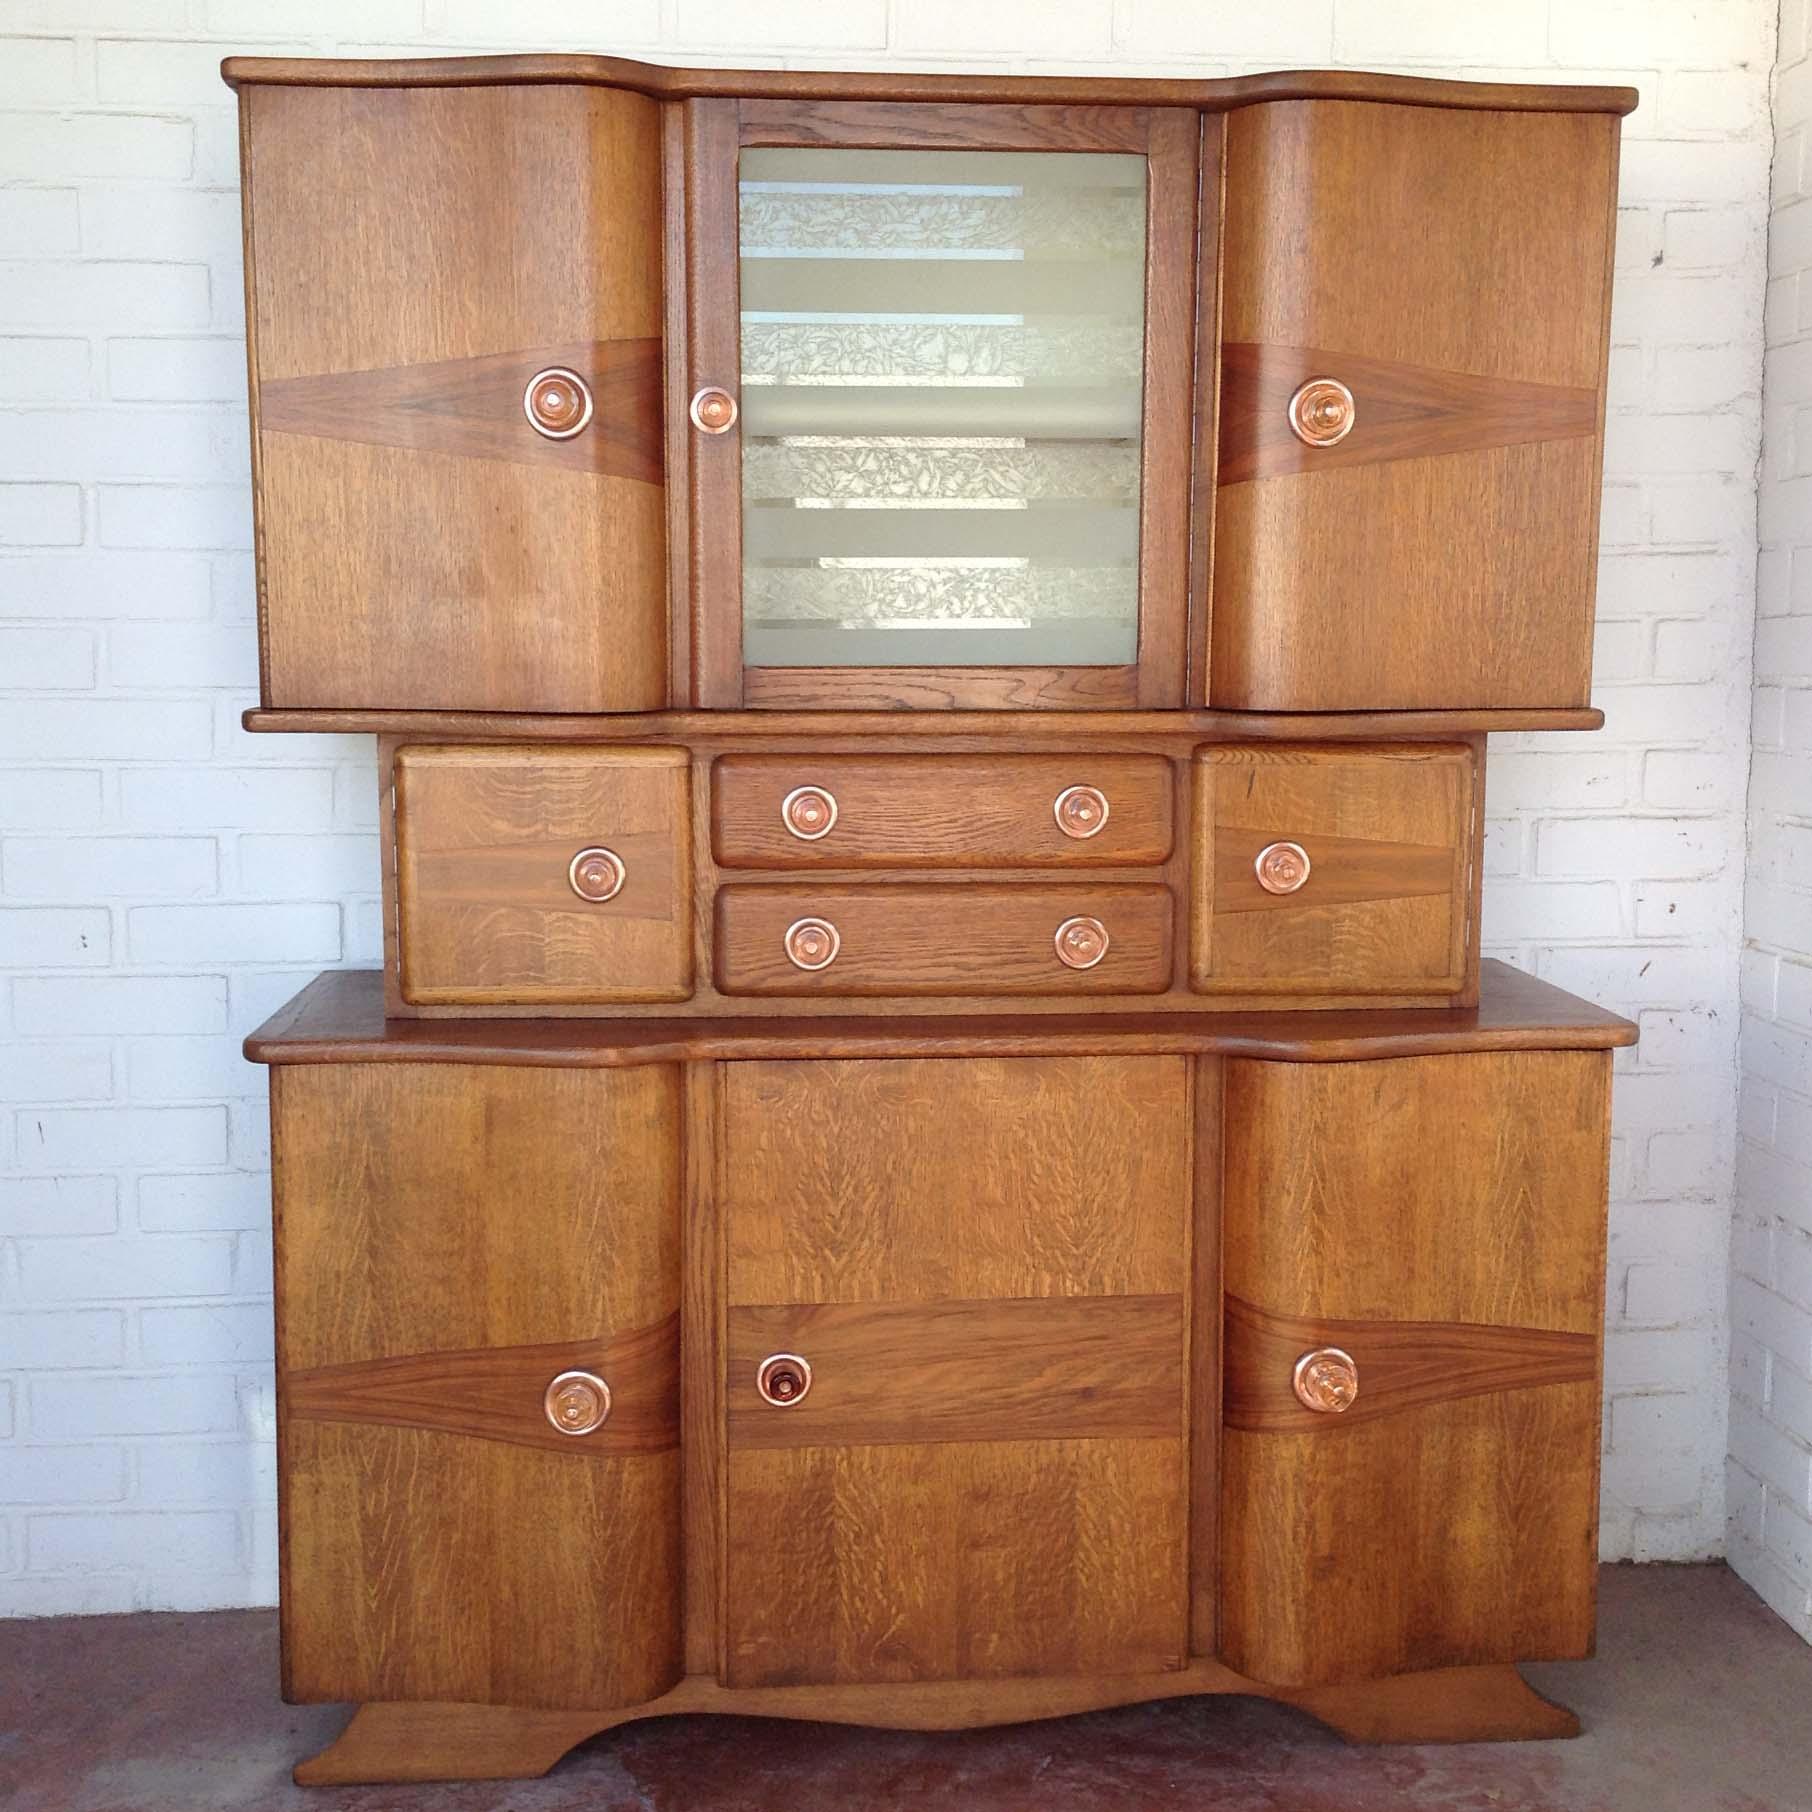 Aparador deco belga nogal vintage madera haya original puertas estilo 1